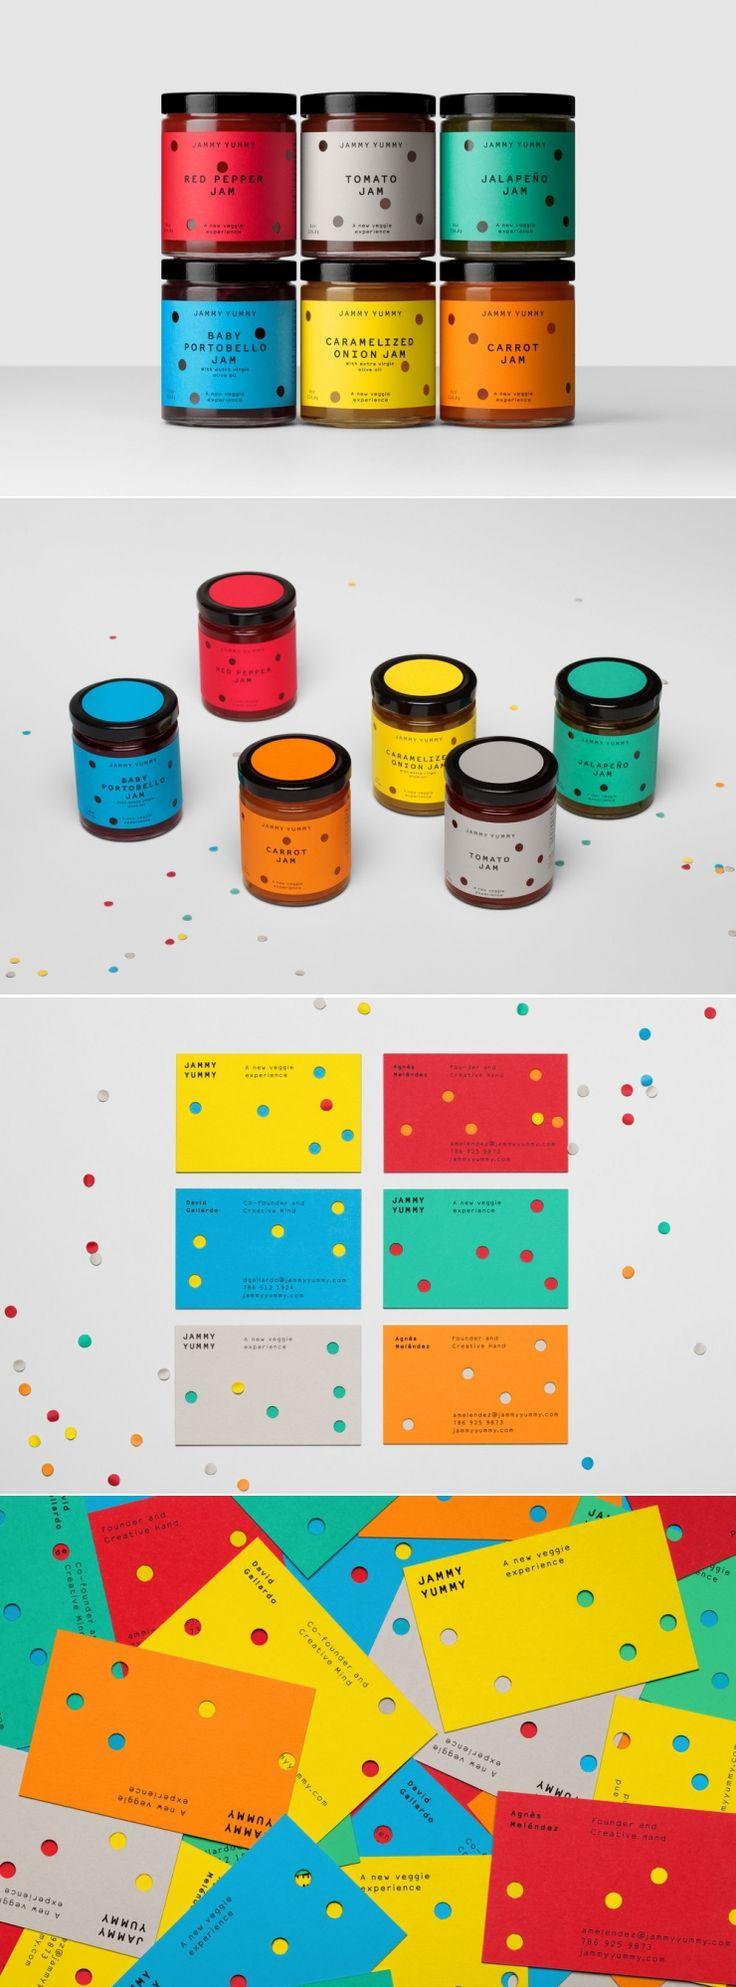 Jammy Yummy — The Dieline - Branding & Packaging Design